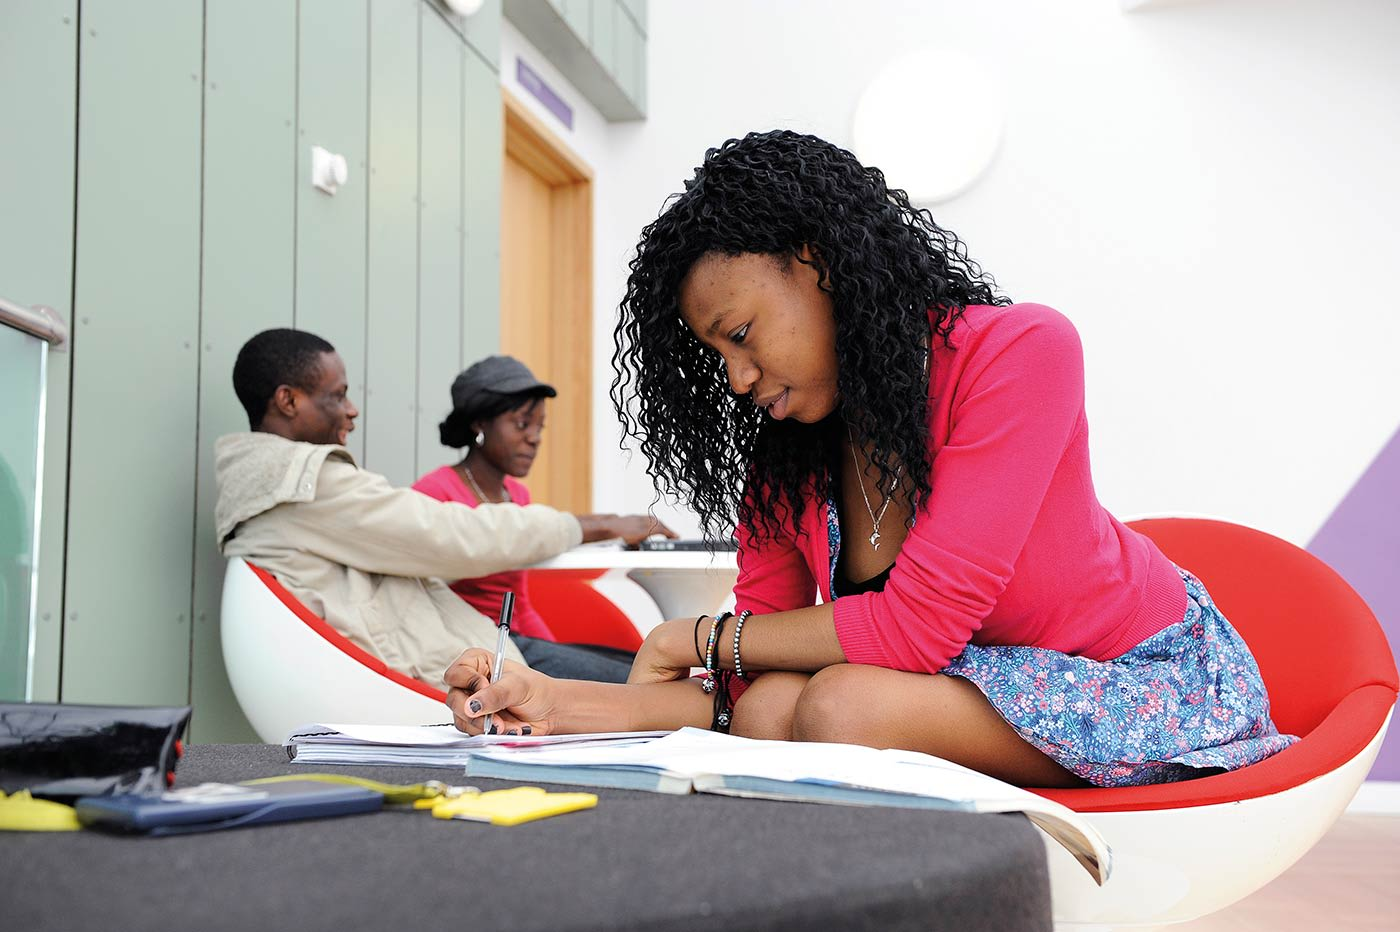 مساحات واسعة للدراسة الهادئة والتواصل الاجتماعي